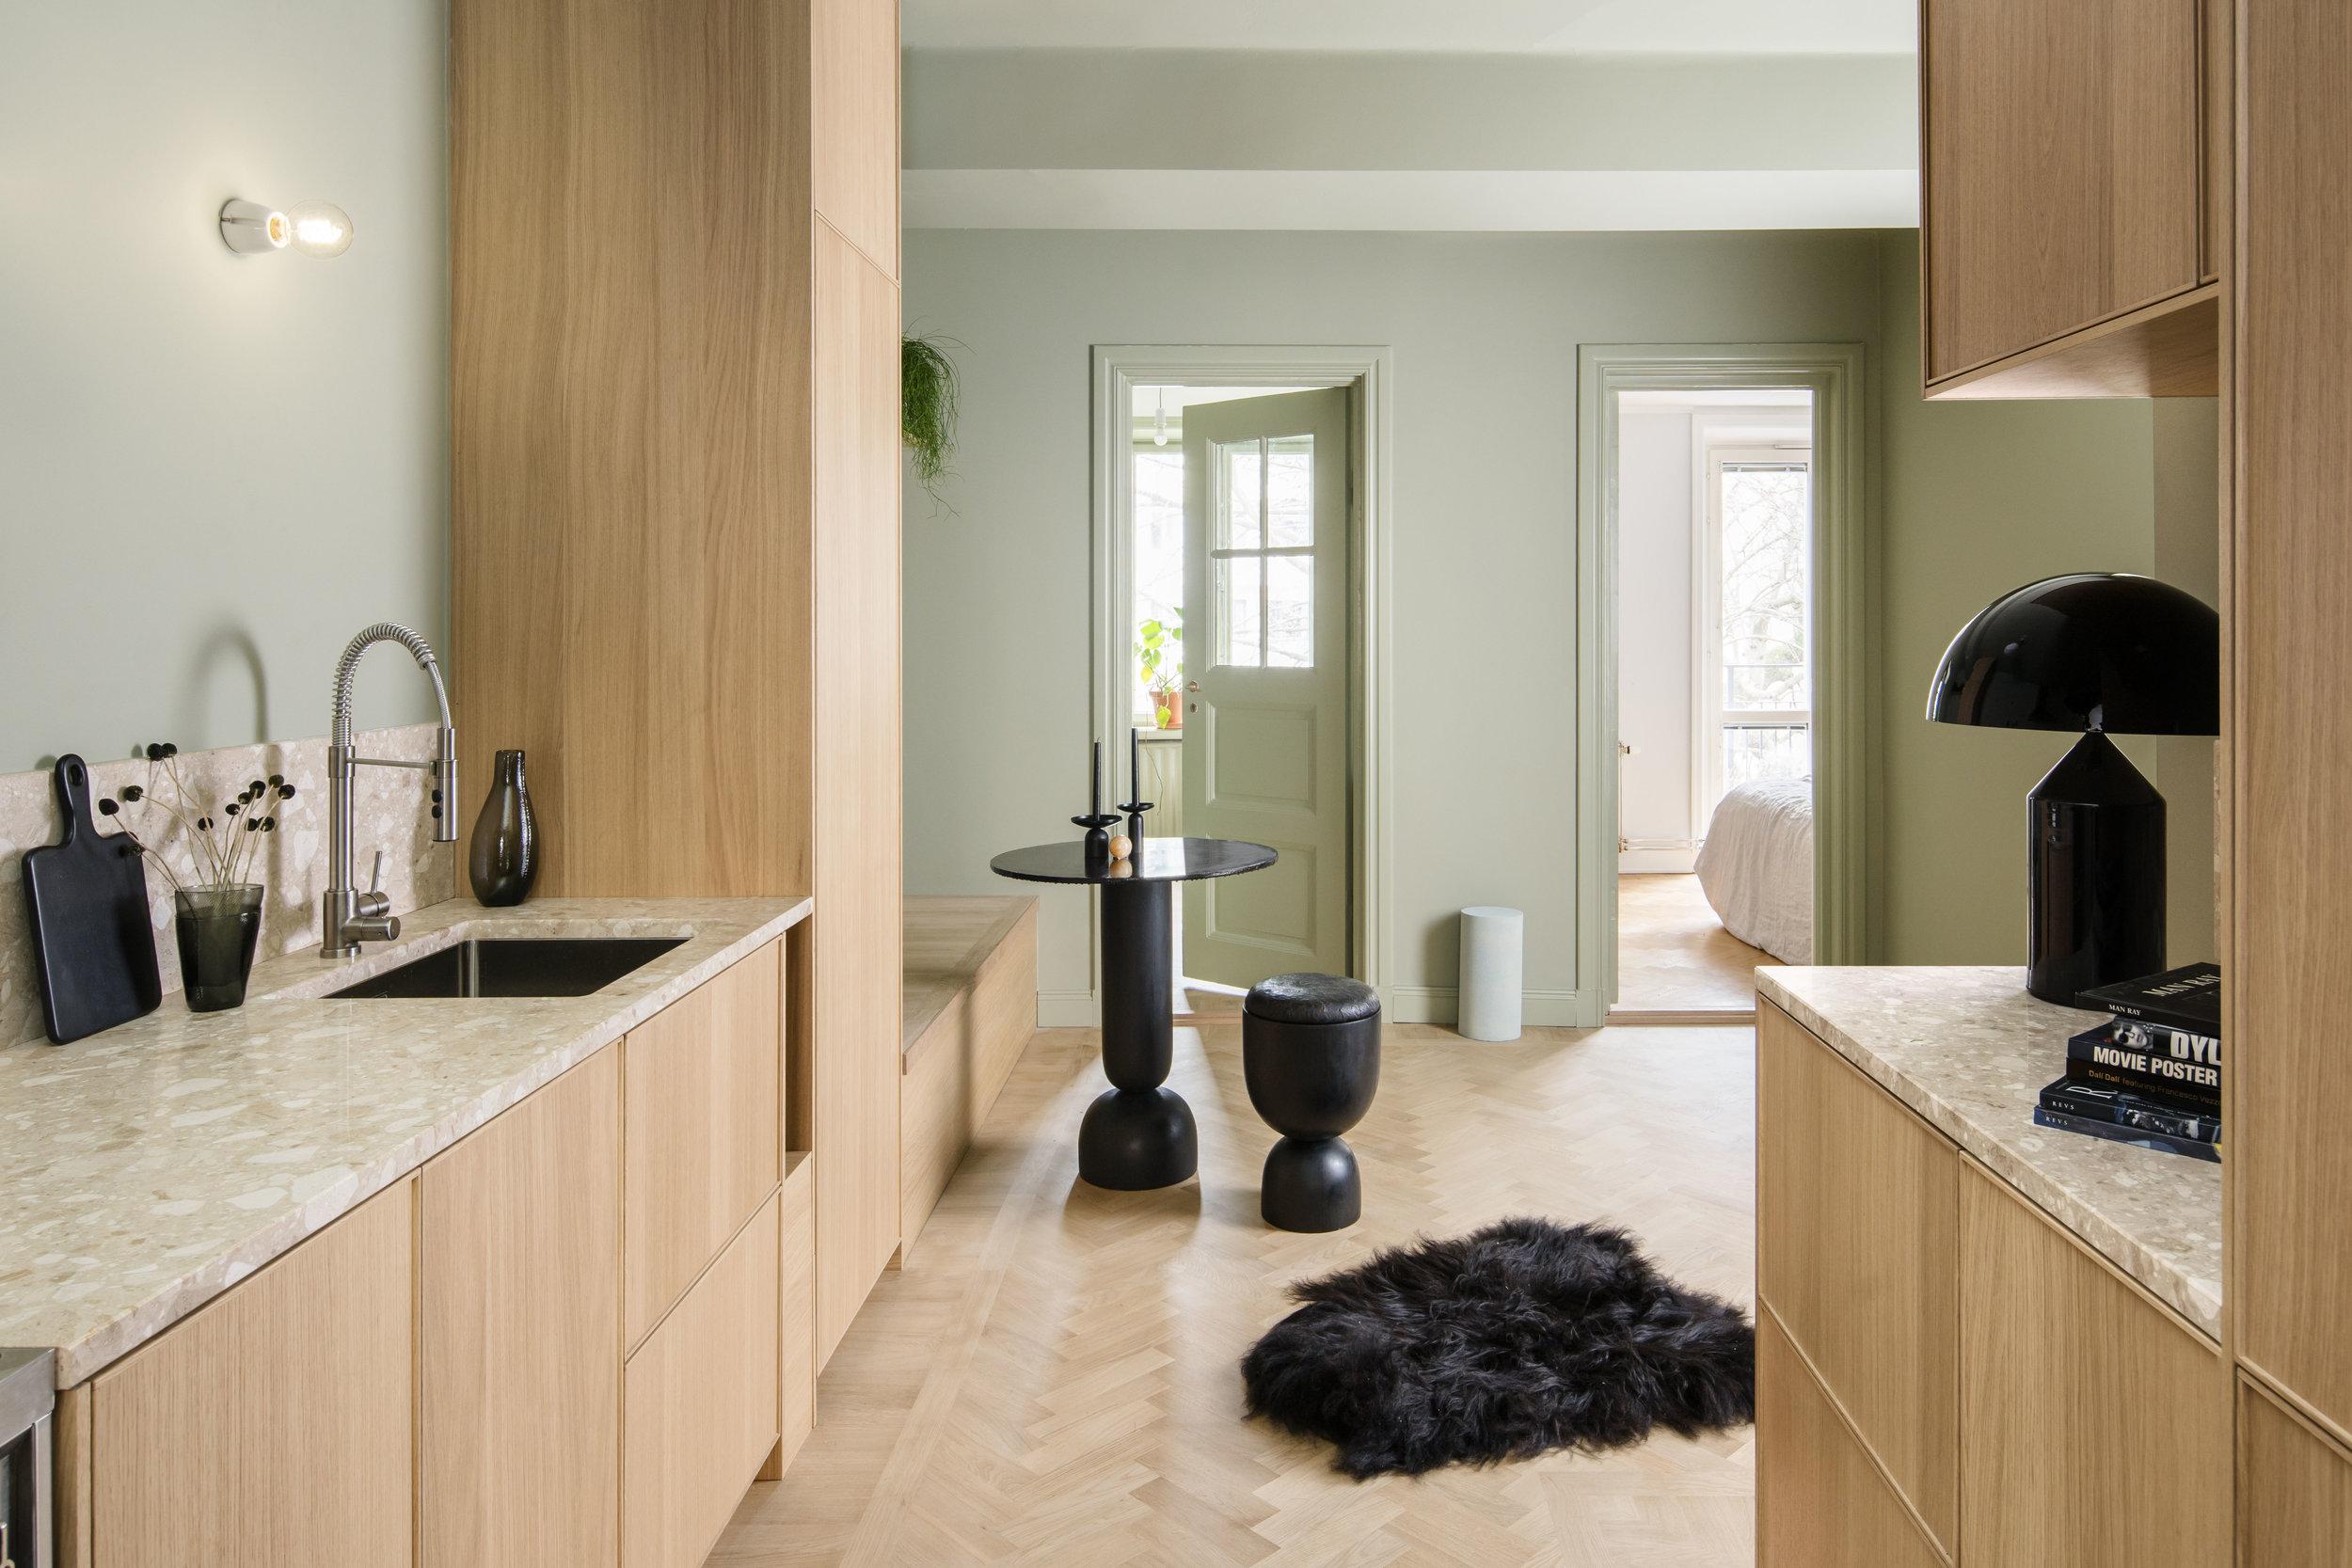 Maldini Studios, Hornsgatan 149 - Fotograf Mattias Hamren-1-1.jpg